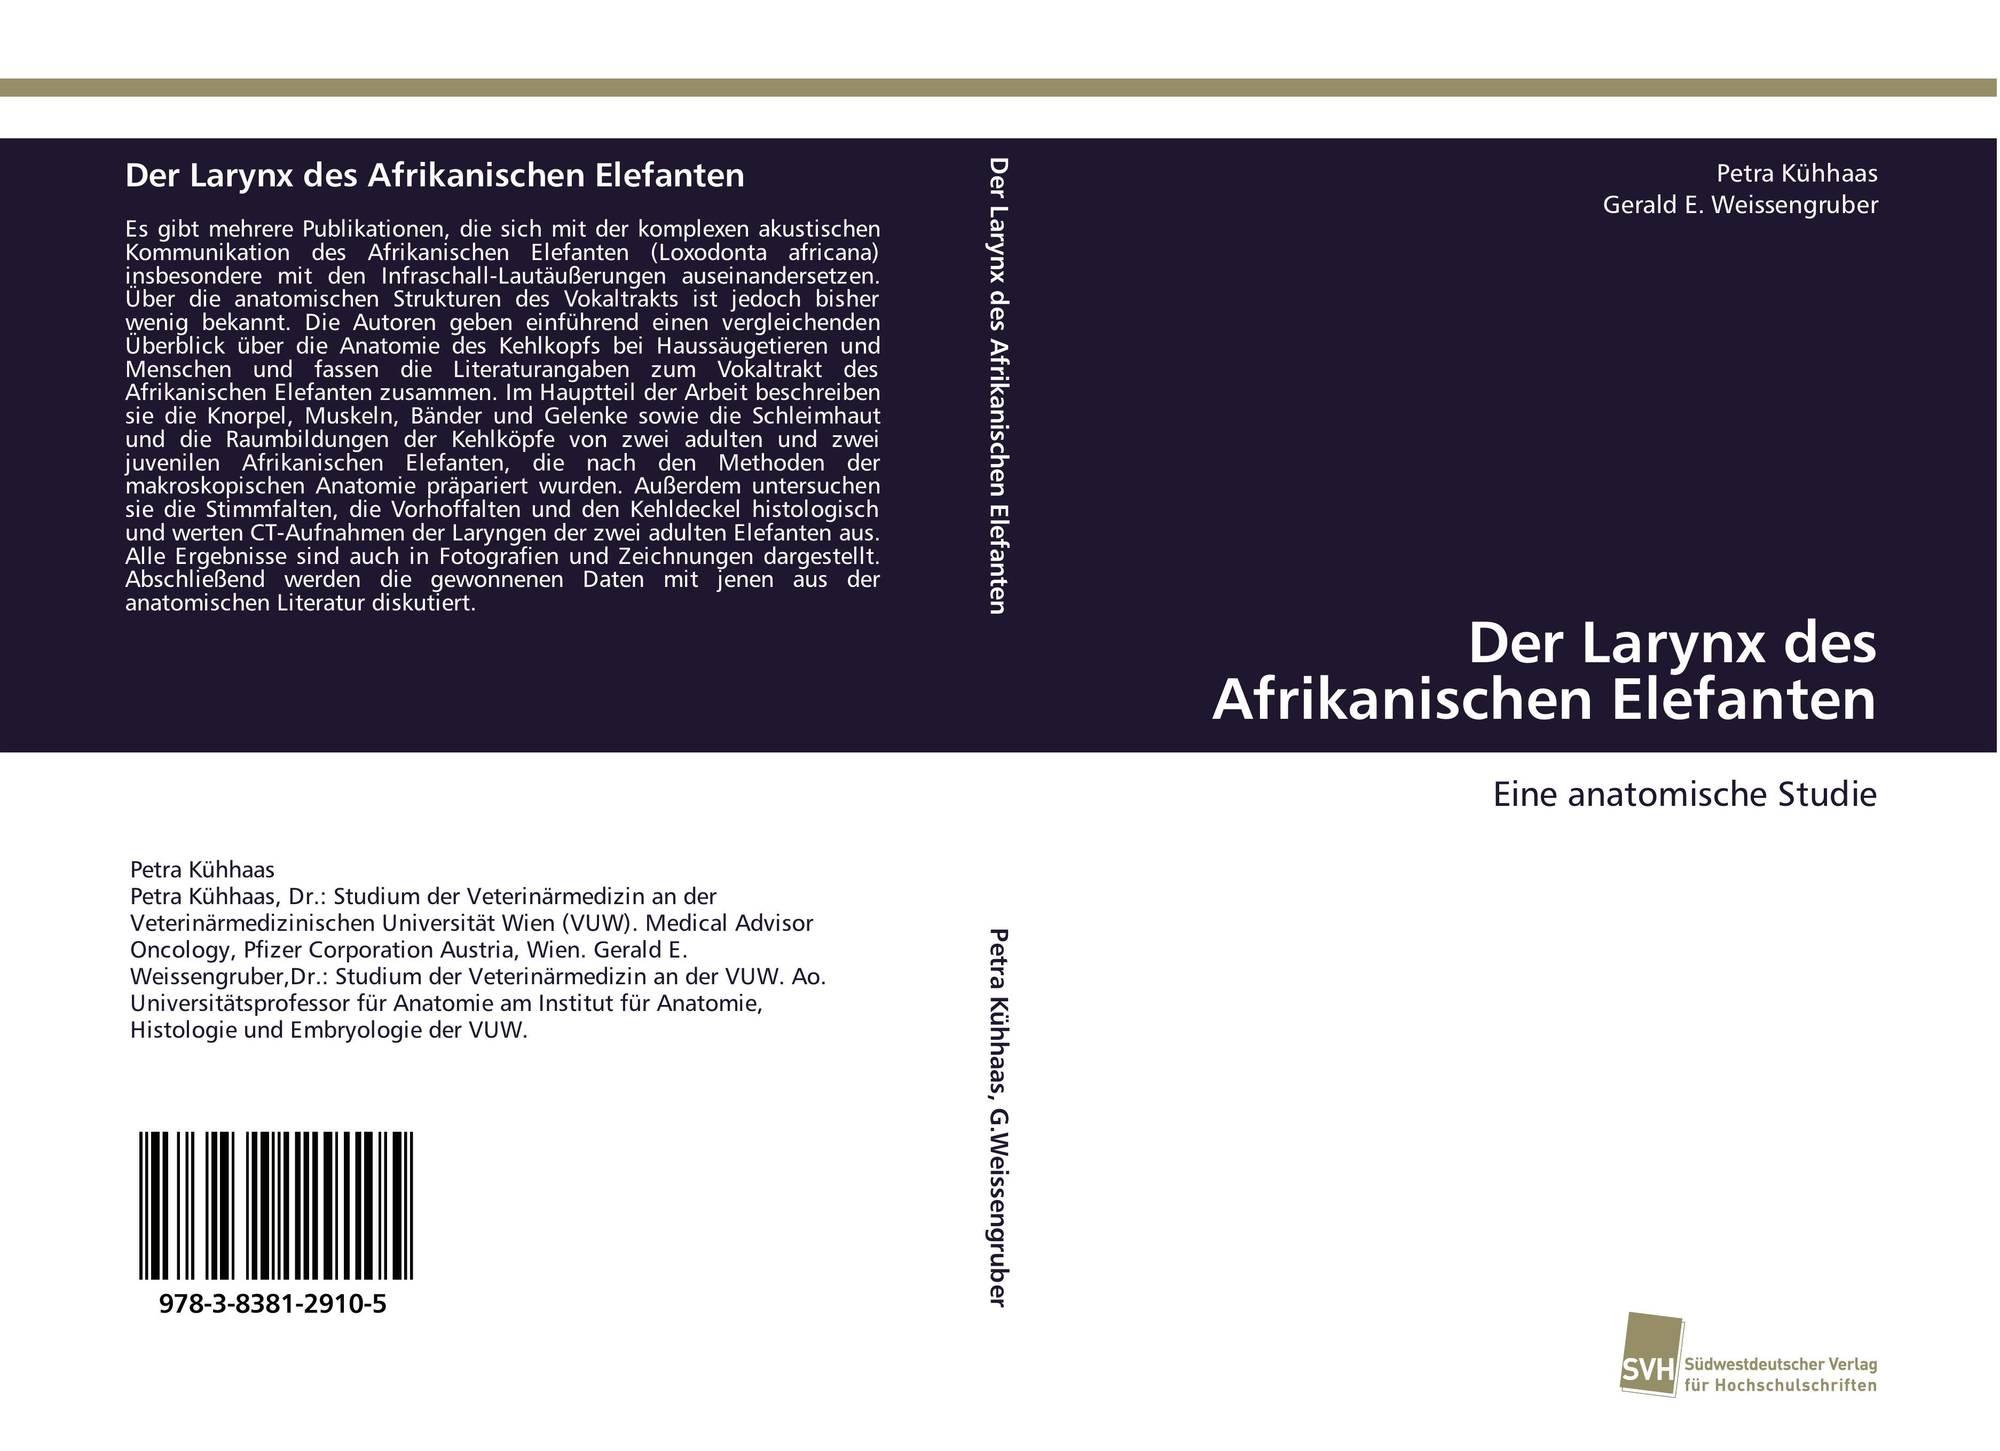 Der Larynx des Afrikanischen Elefanten, 978-3-8381-2910-5 ...